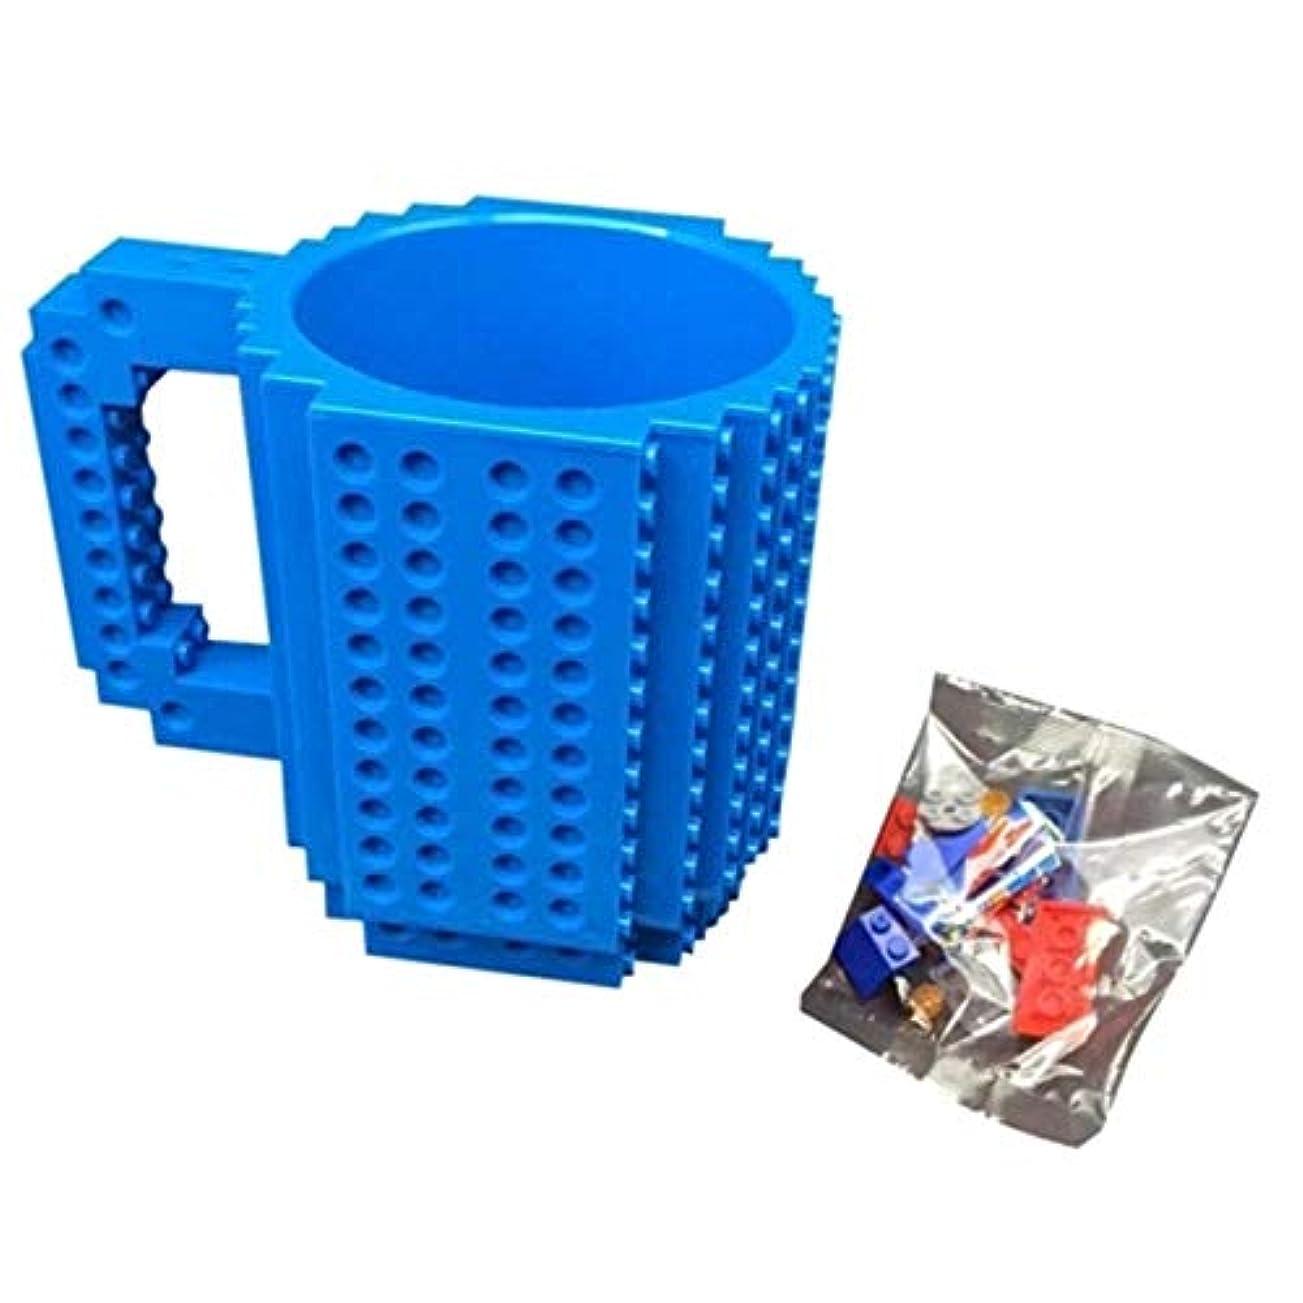 ハミングバード大宇宙アヒルTivollyff レンガマグカップDIYのビルディングブロックを構築するコーヒーカップ 青